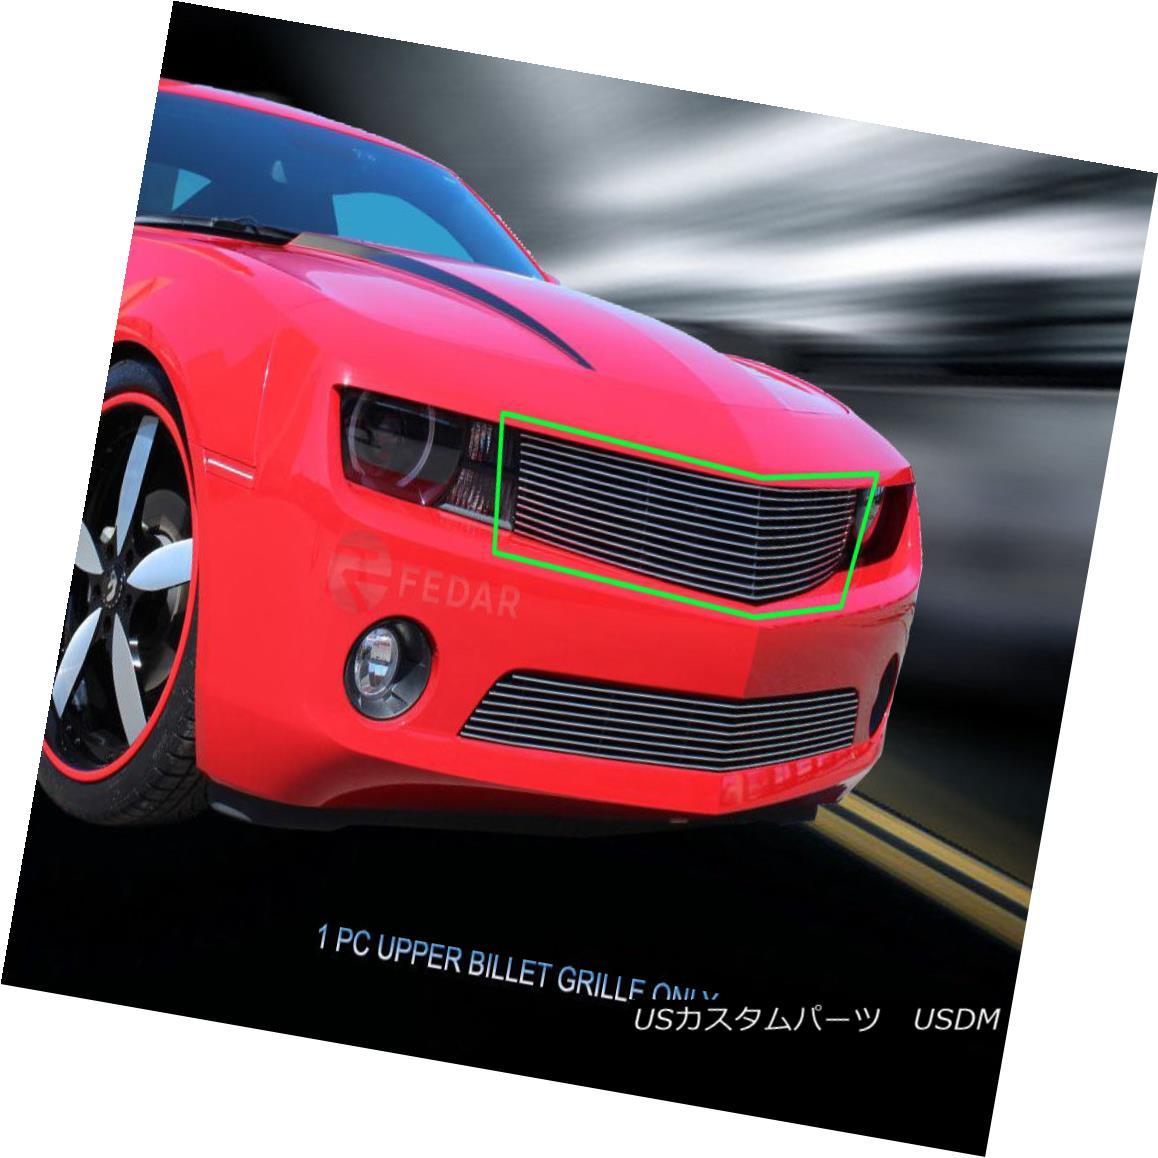 グリル Fedar Fits 10-13 Chevy Camaro LT/LS/RS/SS Chrome Logo Cover Upper Billet Grille Fedar 10-13 Chevy Camaro LT / LS / RS / SSクロームロゴカバーアッパービレットグリル